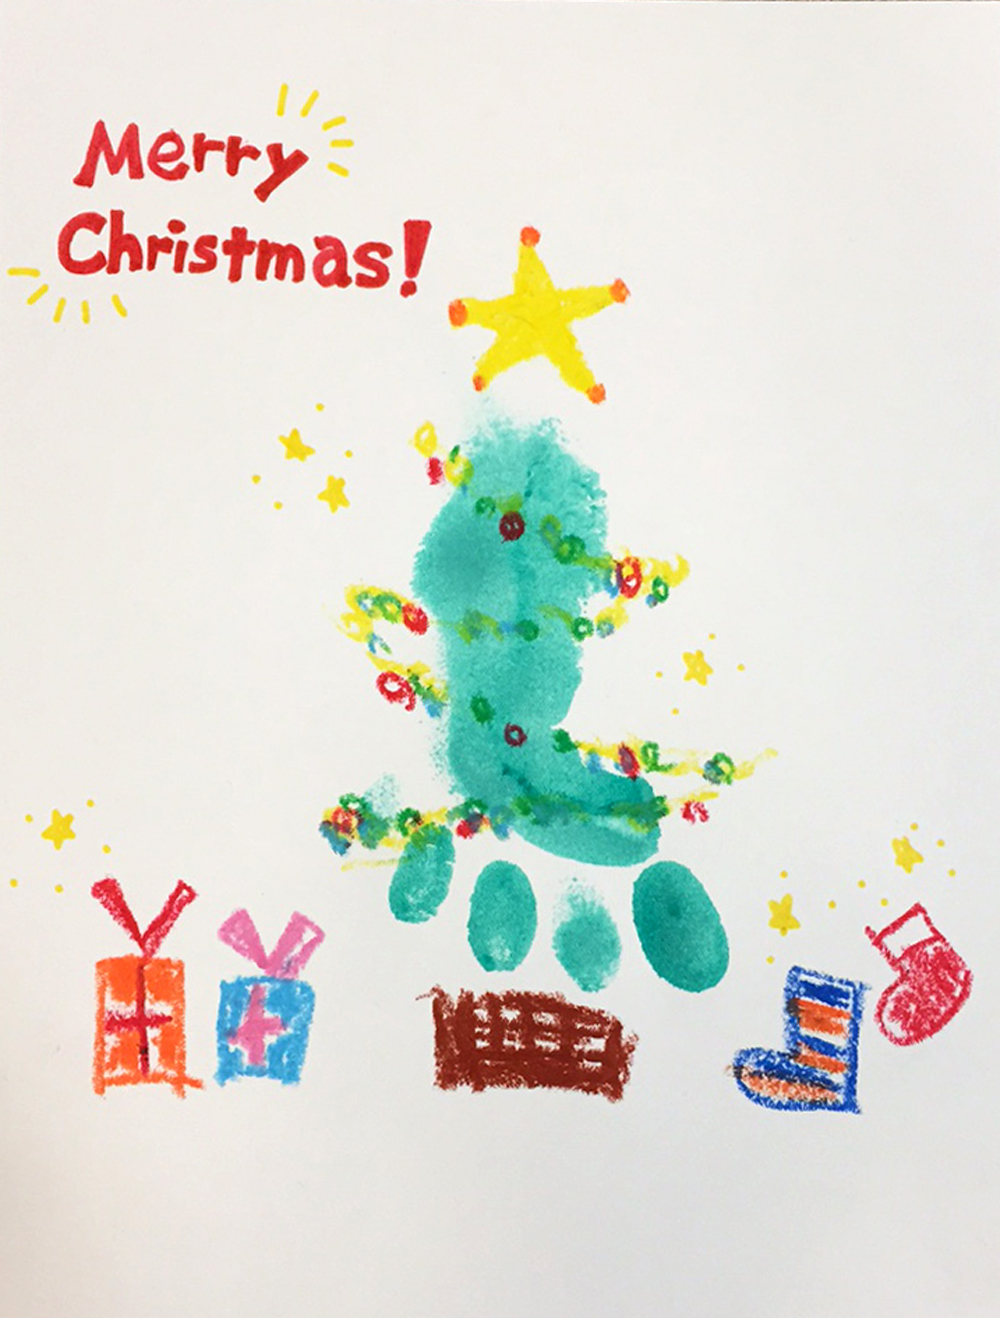 【クリスマス特別イベント】12/24(土)手形あそび